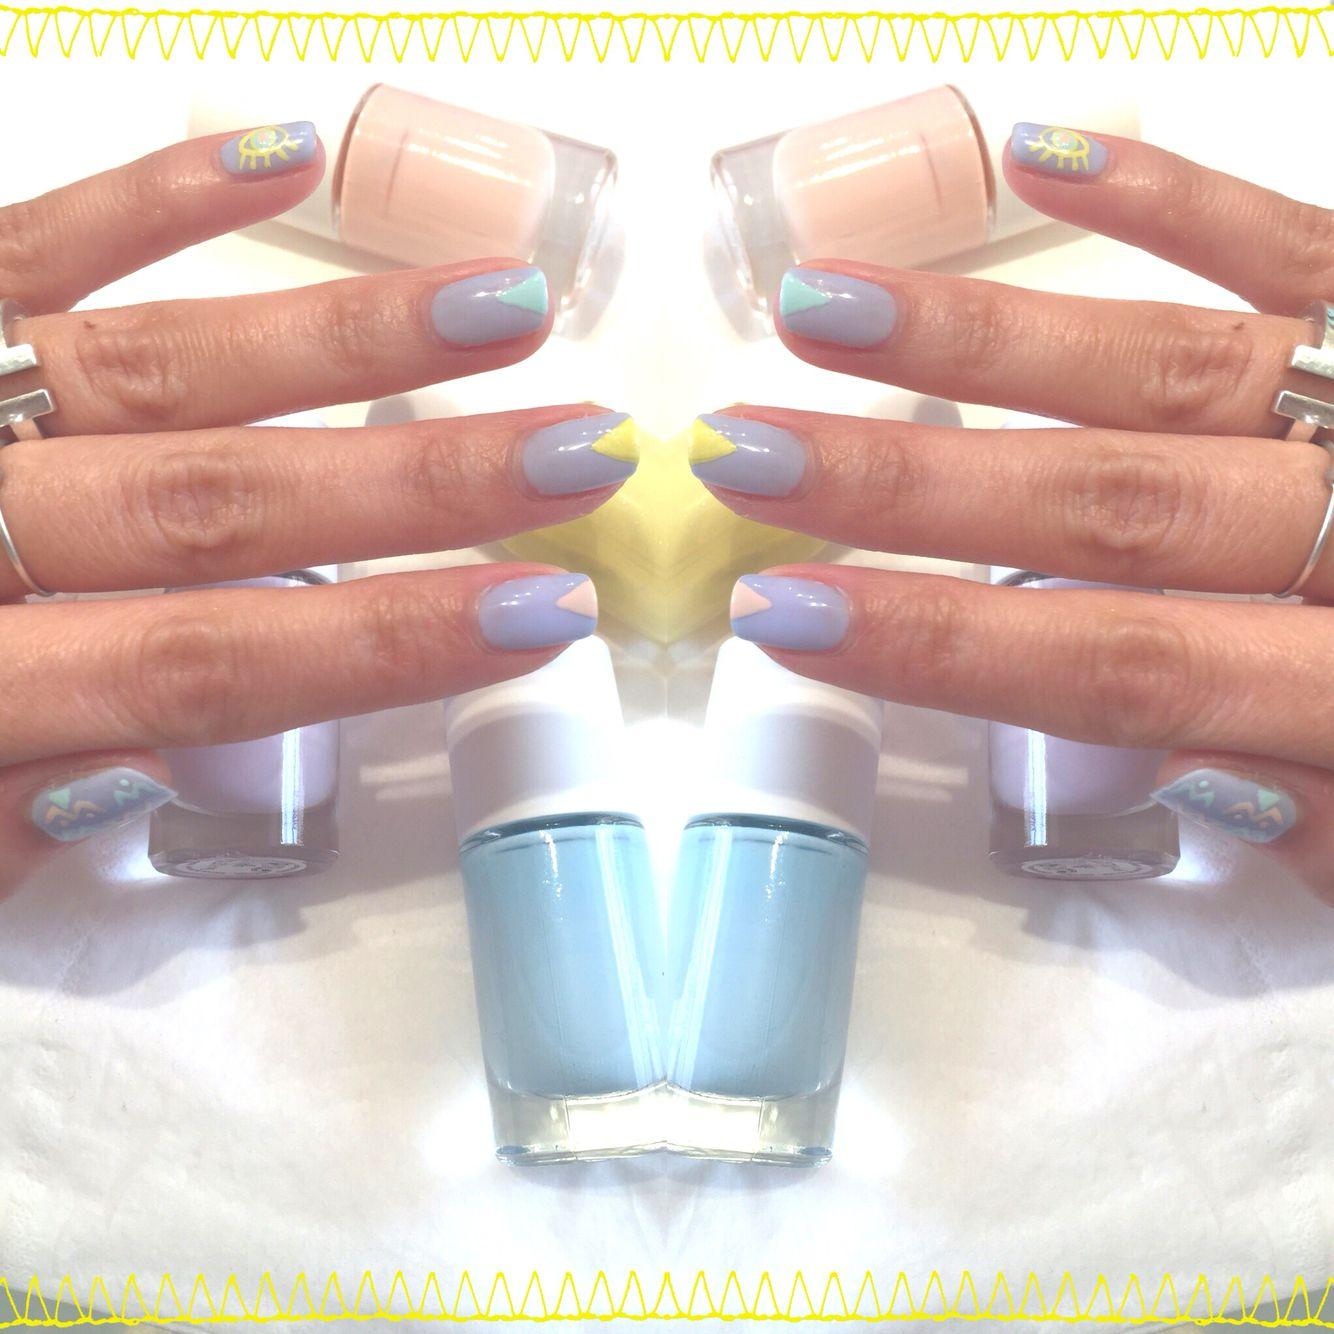 • K L I N  D ' O E I L •  Ce week-end rdv au @carreaudutemple pour des ongles aux couleurs acidulées w/ @glossupparis cc @alicesurlegateau  #nails #pastel #paris #carreaudutemple #DIY #npa #nailmatic #nailart  @cynthiaidkwib